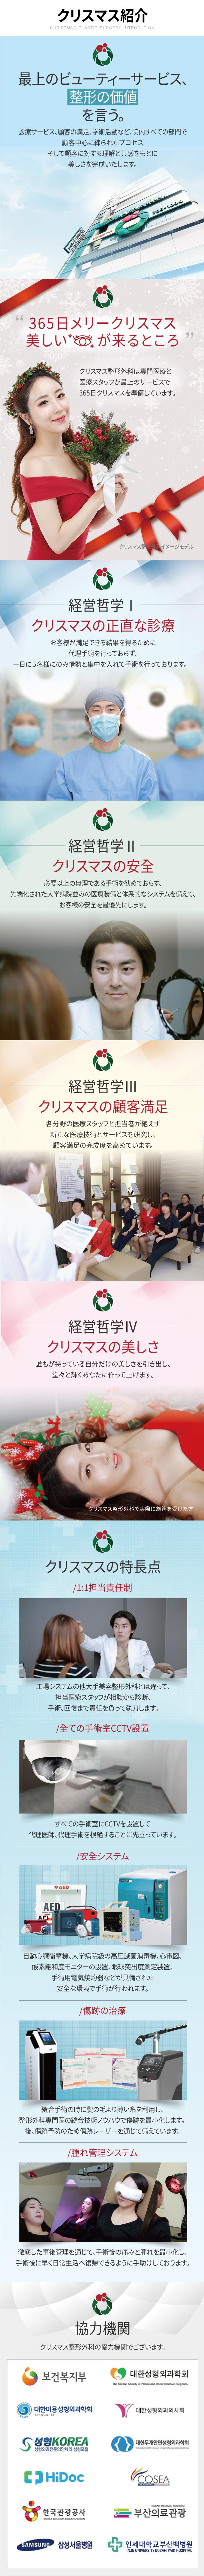 2017_크리스마스소개_일본어.jpg